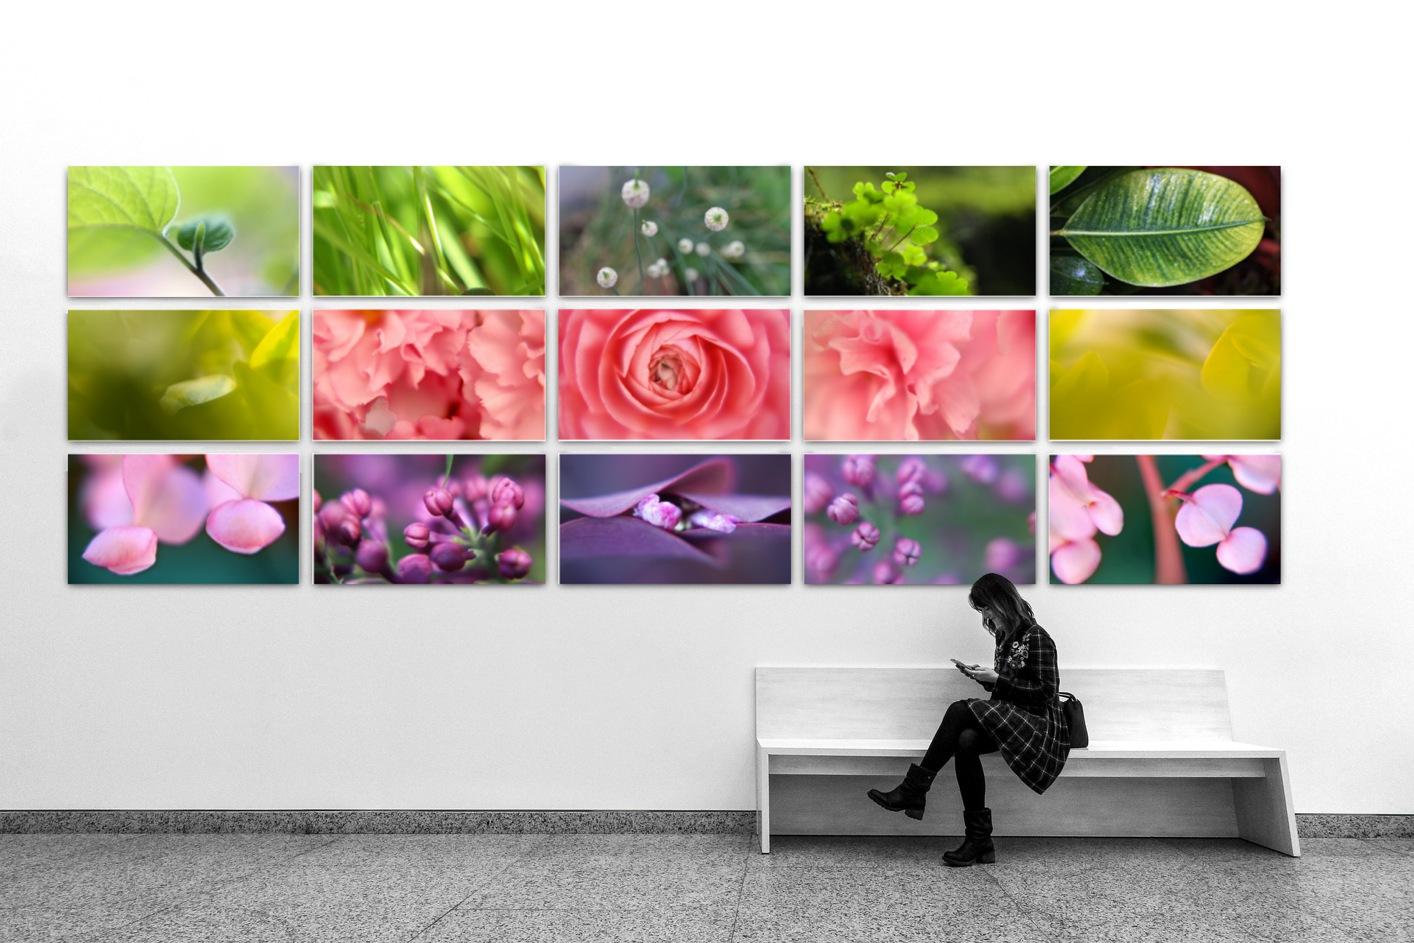 Wandbeispiel-BildKOMPOSITIONEN_2-Fotografie-LEO-and-FISH-photography-klein